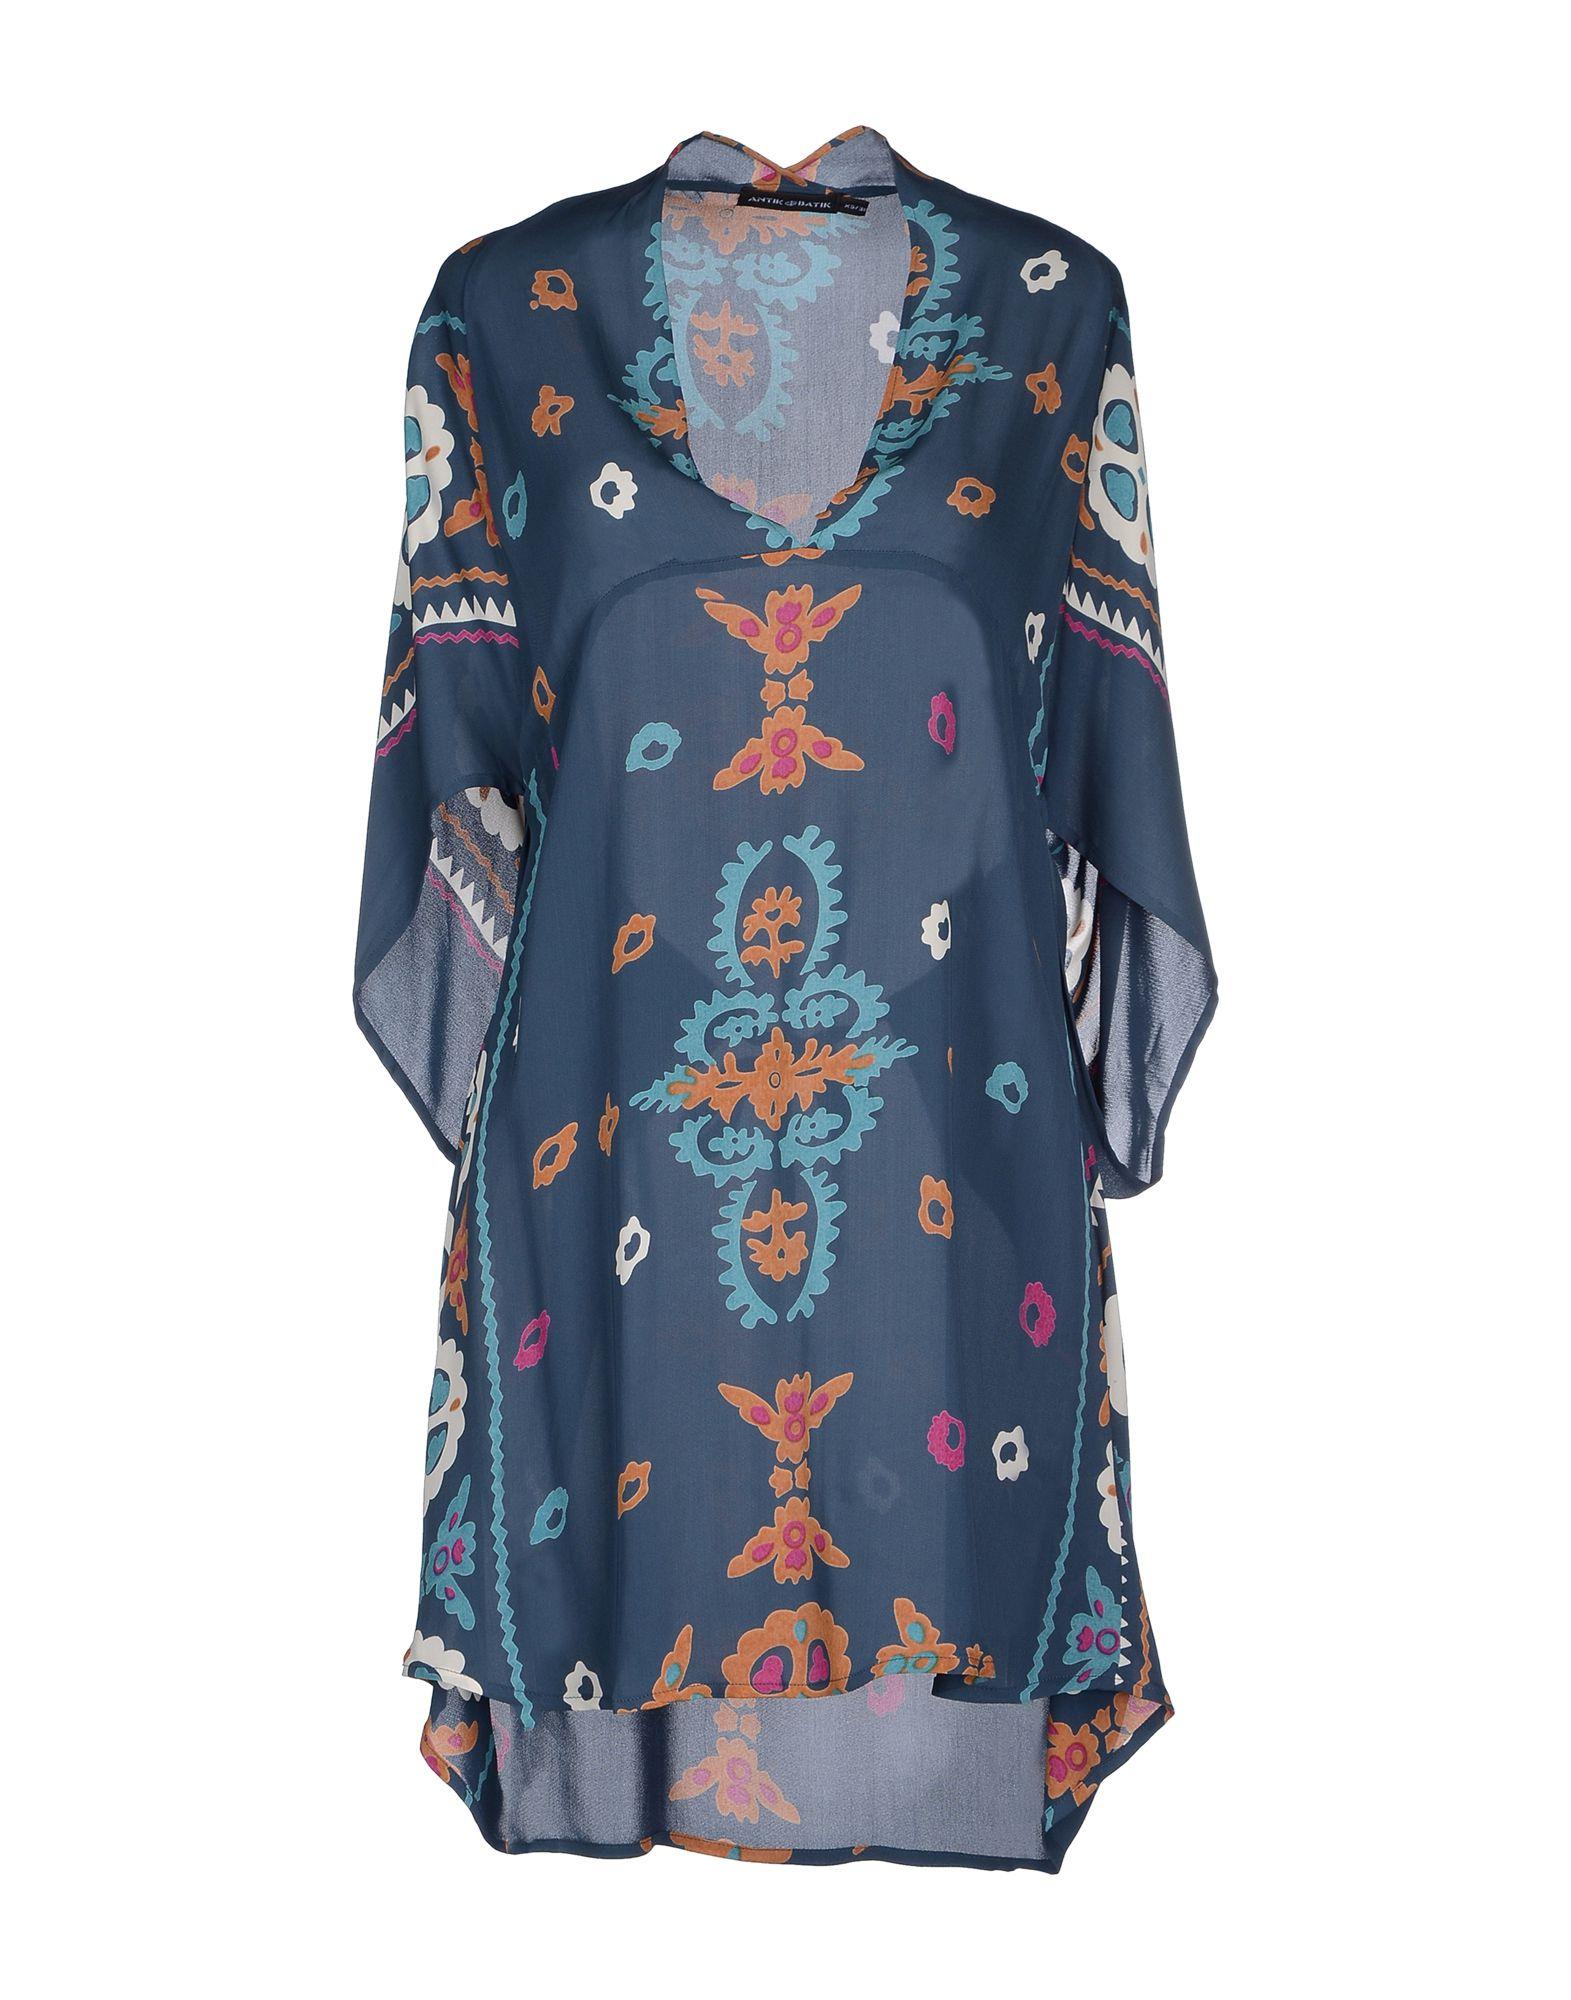 Antik Batik Blouse 80